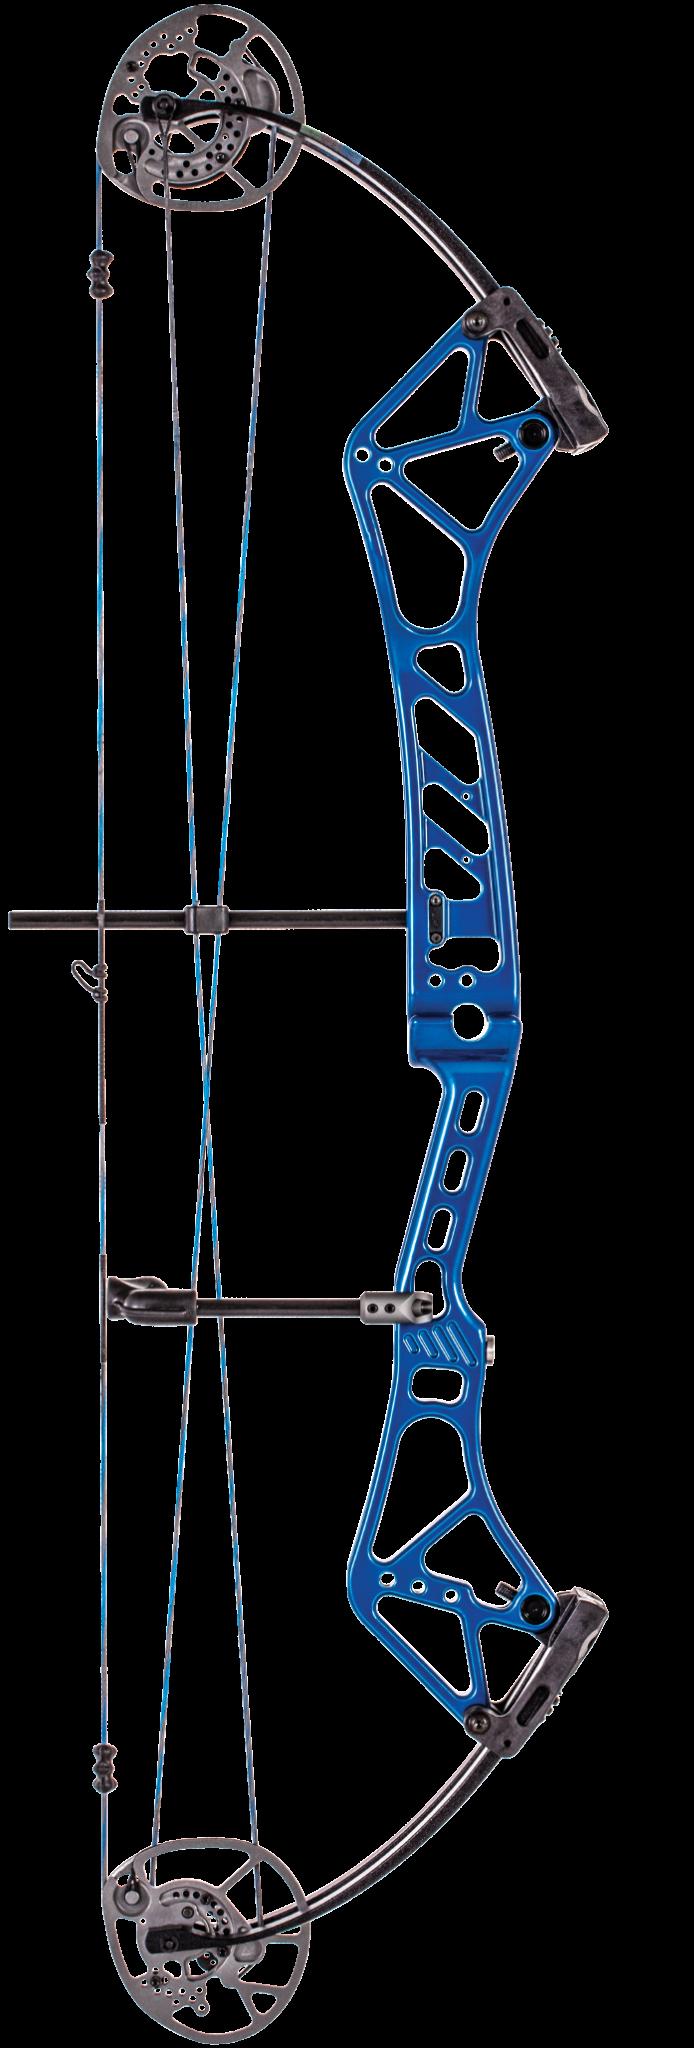 2017 Target Bows